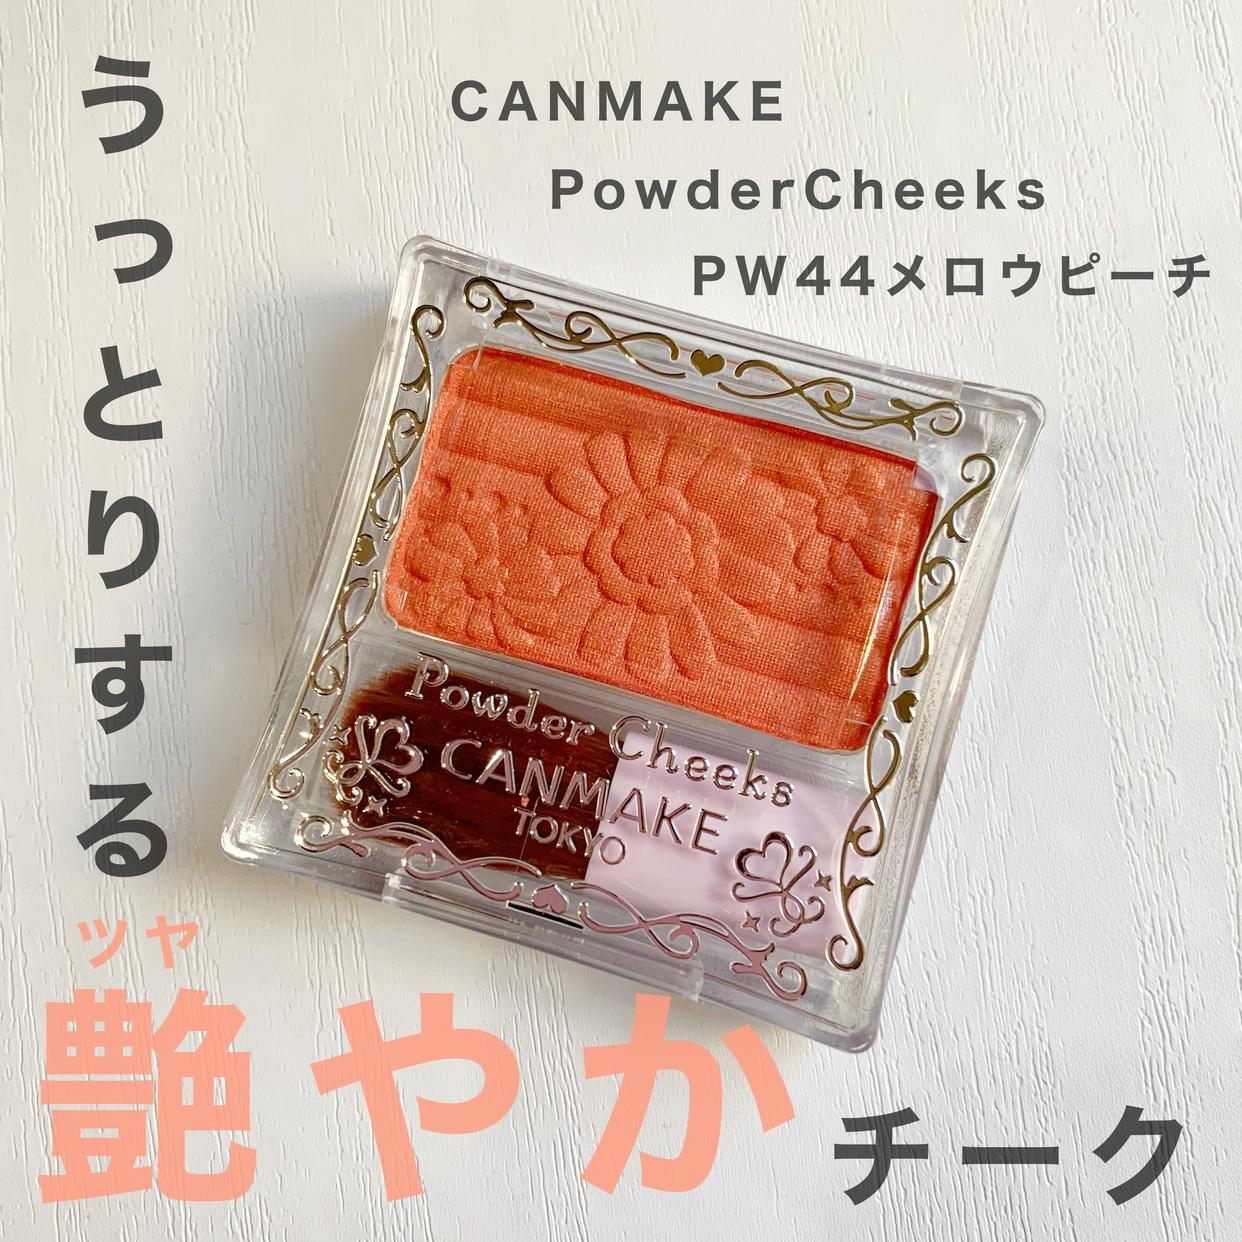 CANMAKE(キャンメイク) パウダーチークスを使ったKeiさんのクチコミ画像1